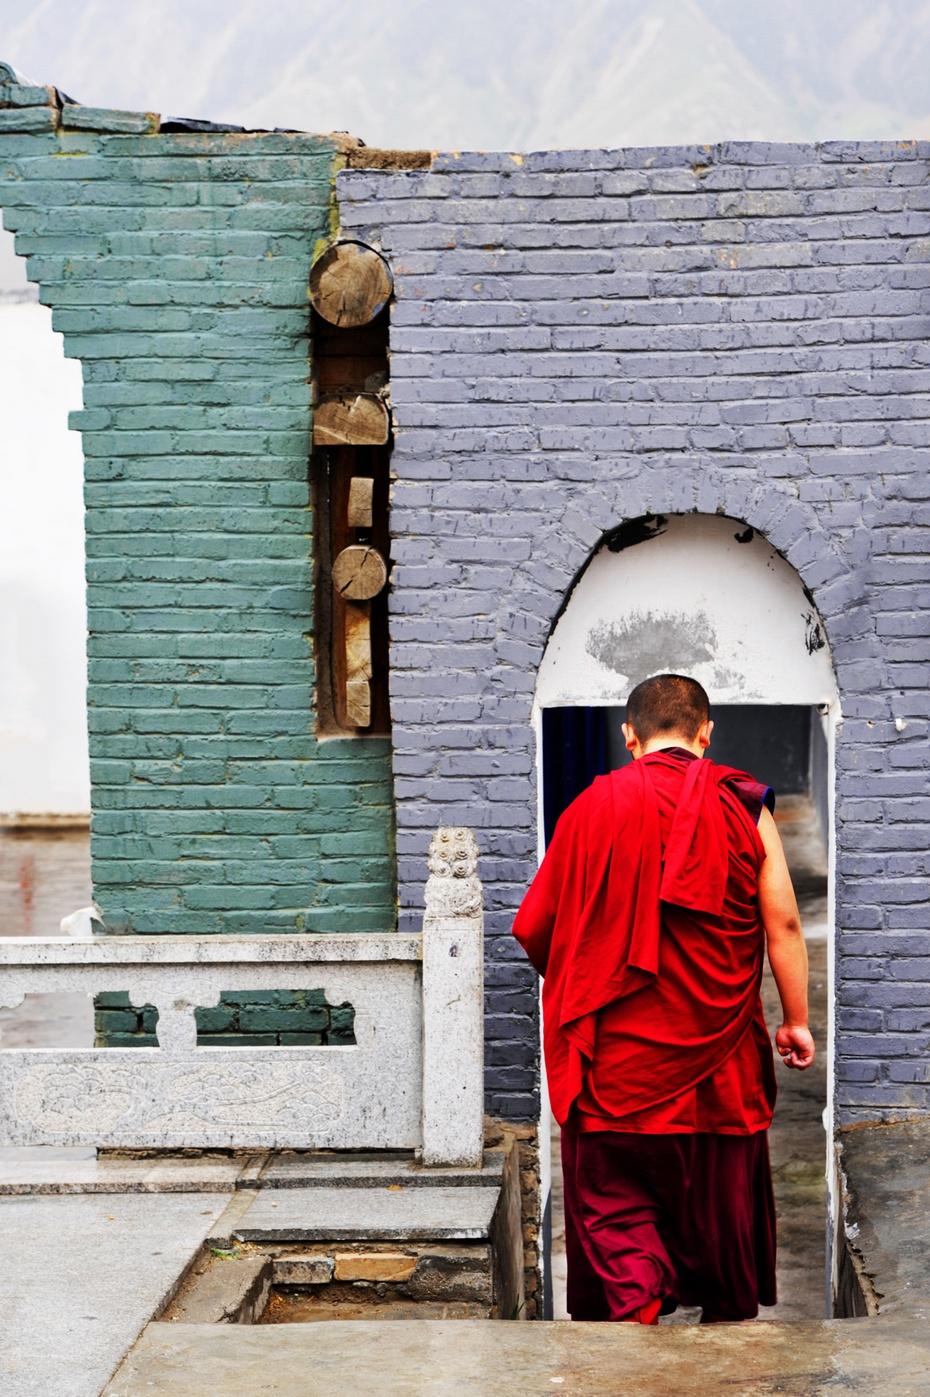 都兰寺,一个出了2个转世灵童的寺庙 - 海军航空兵 - 海军航空兵